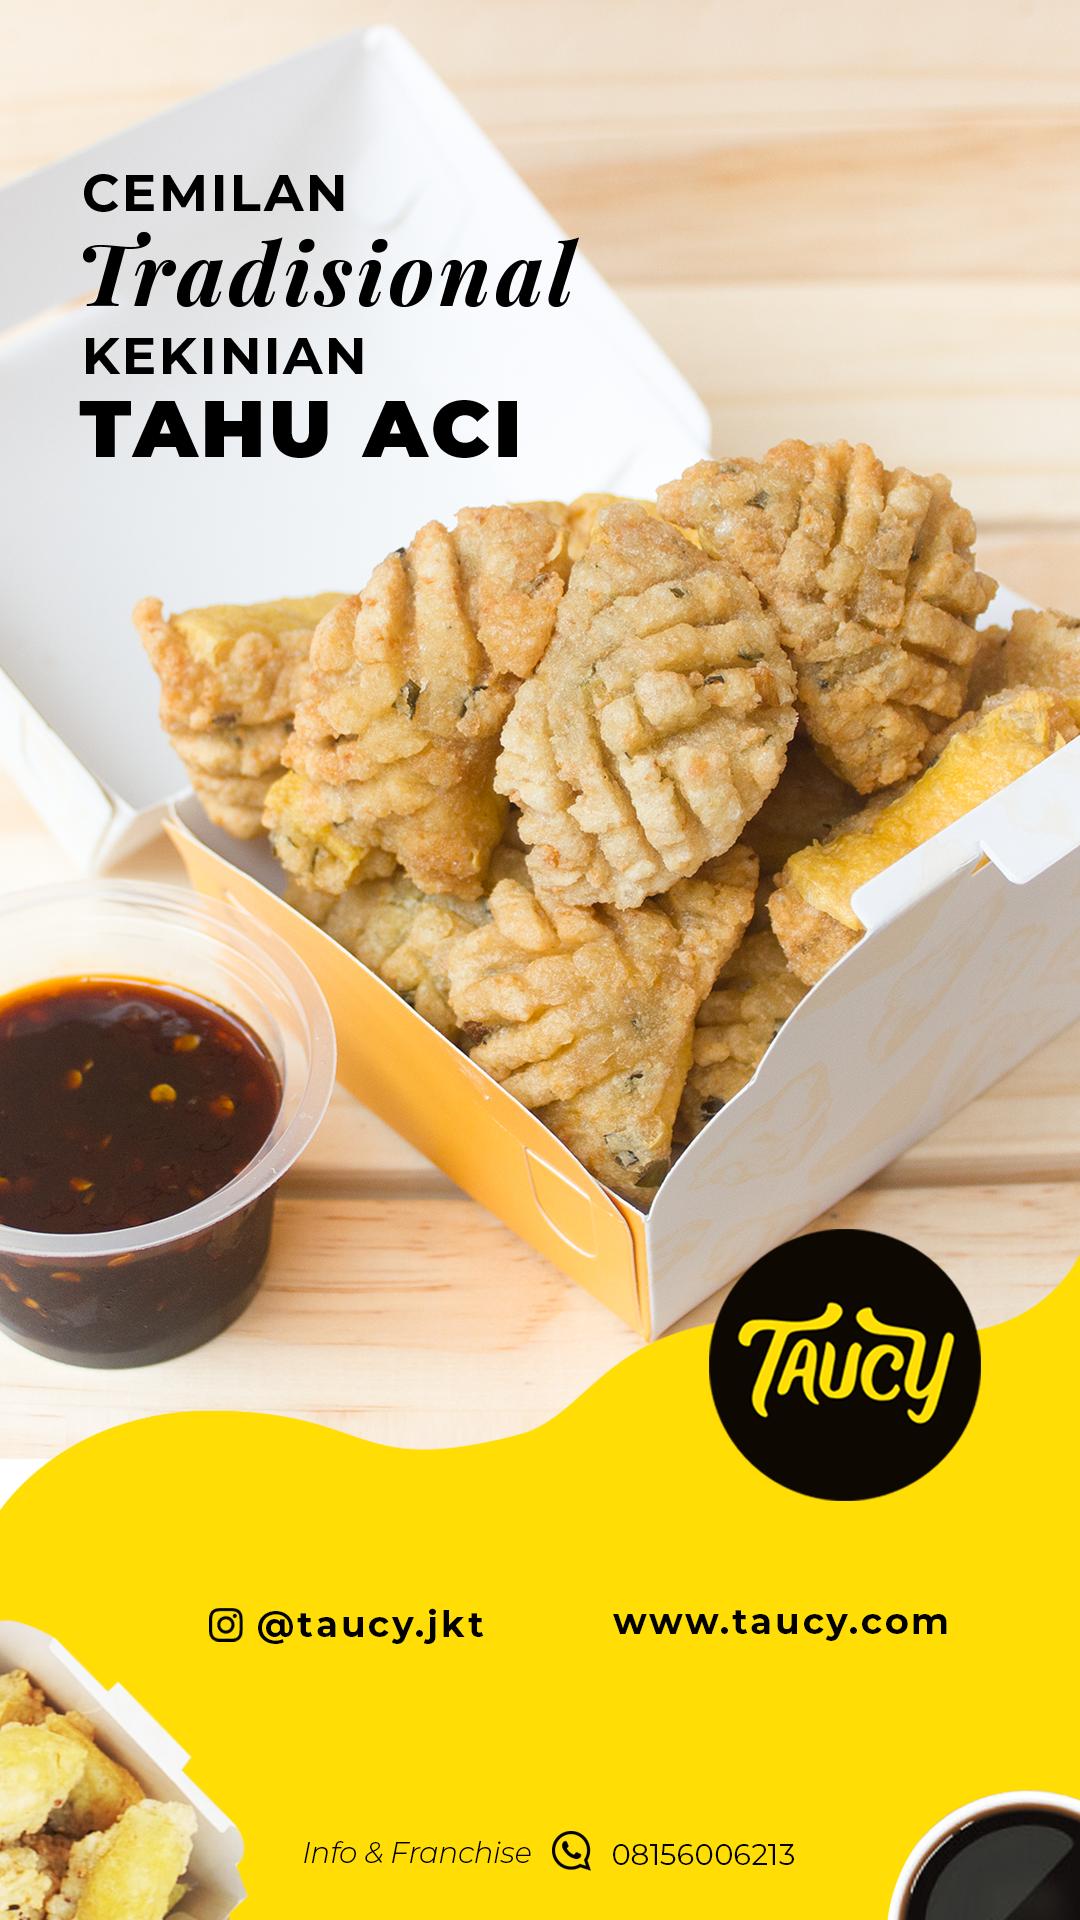 Taucy Design Makanan Cemilan